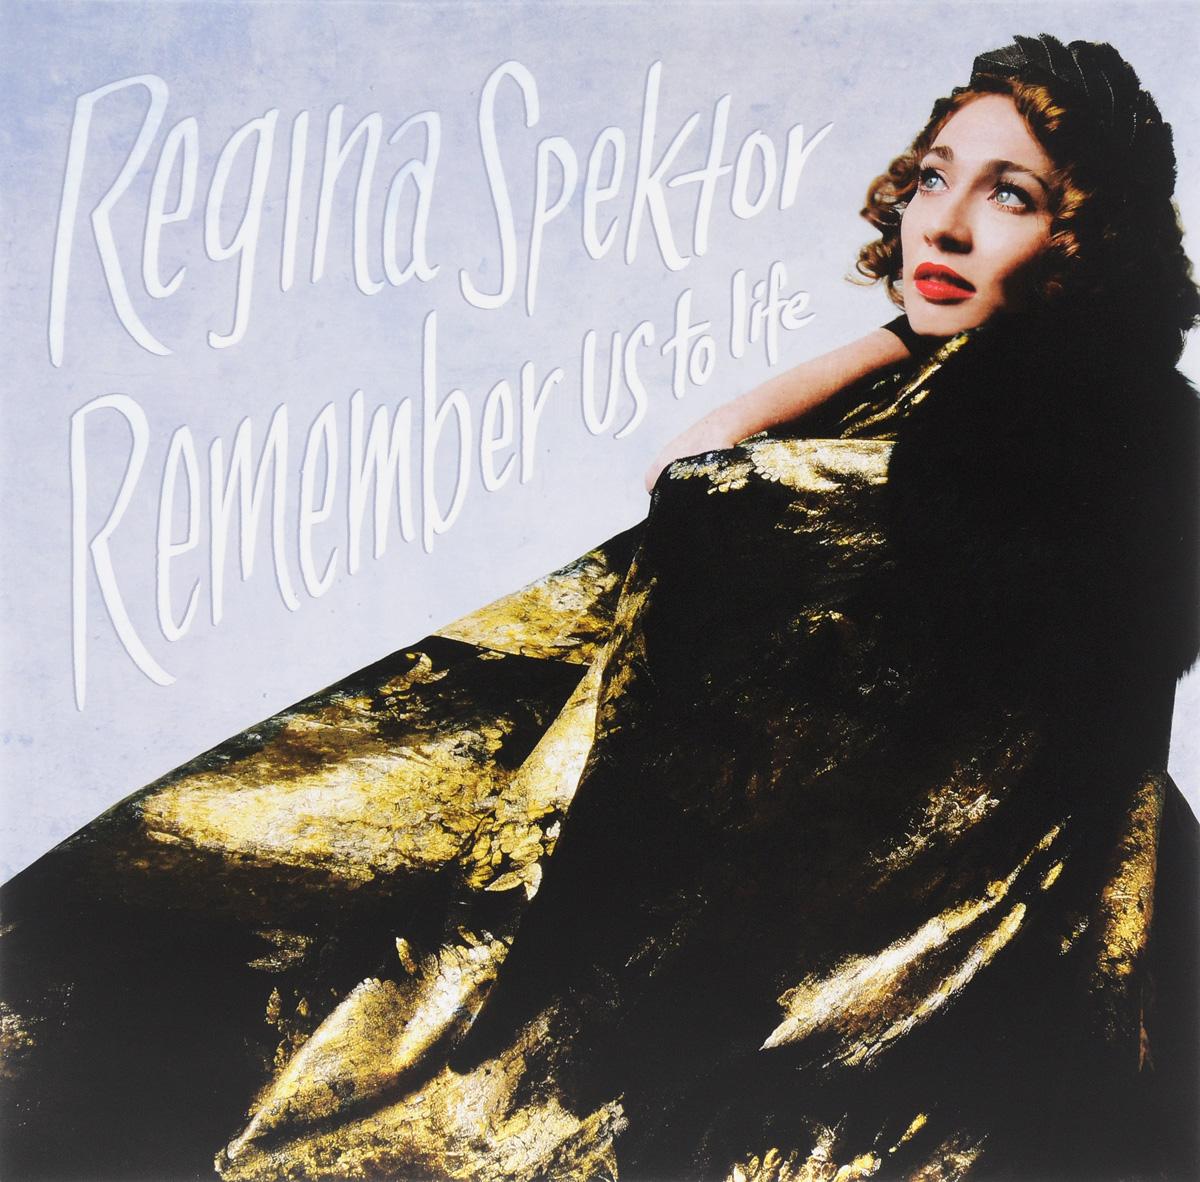 лучшая цена Реджина Спектор Regina Spektor. Remember Us To Life (2 LP)